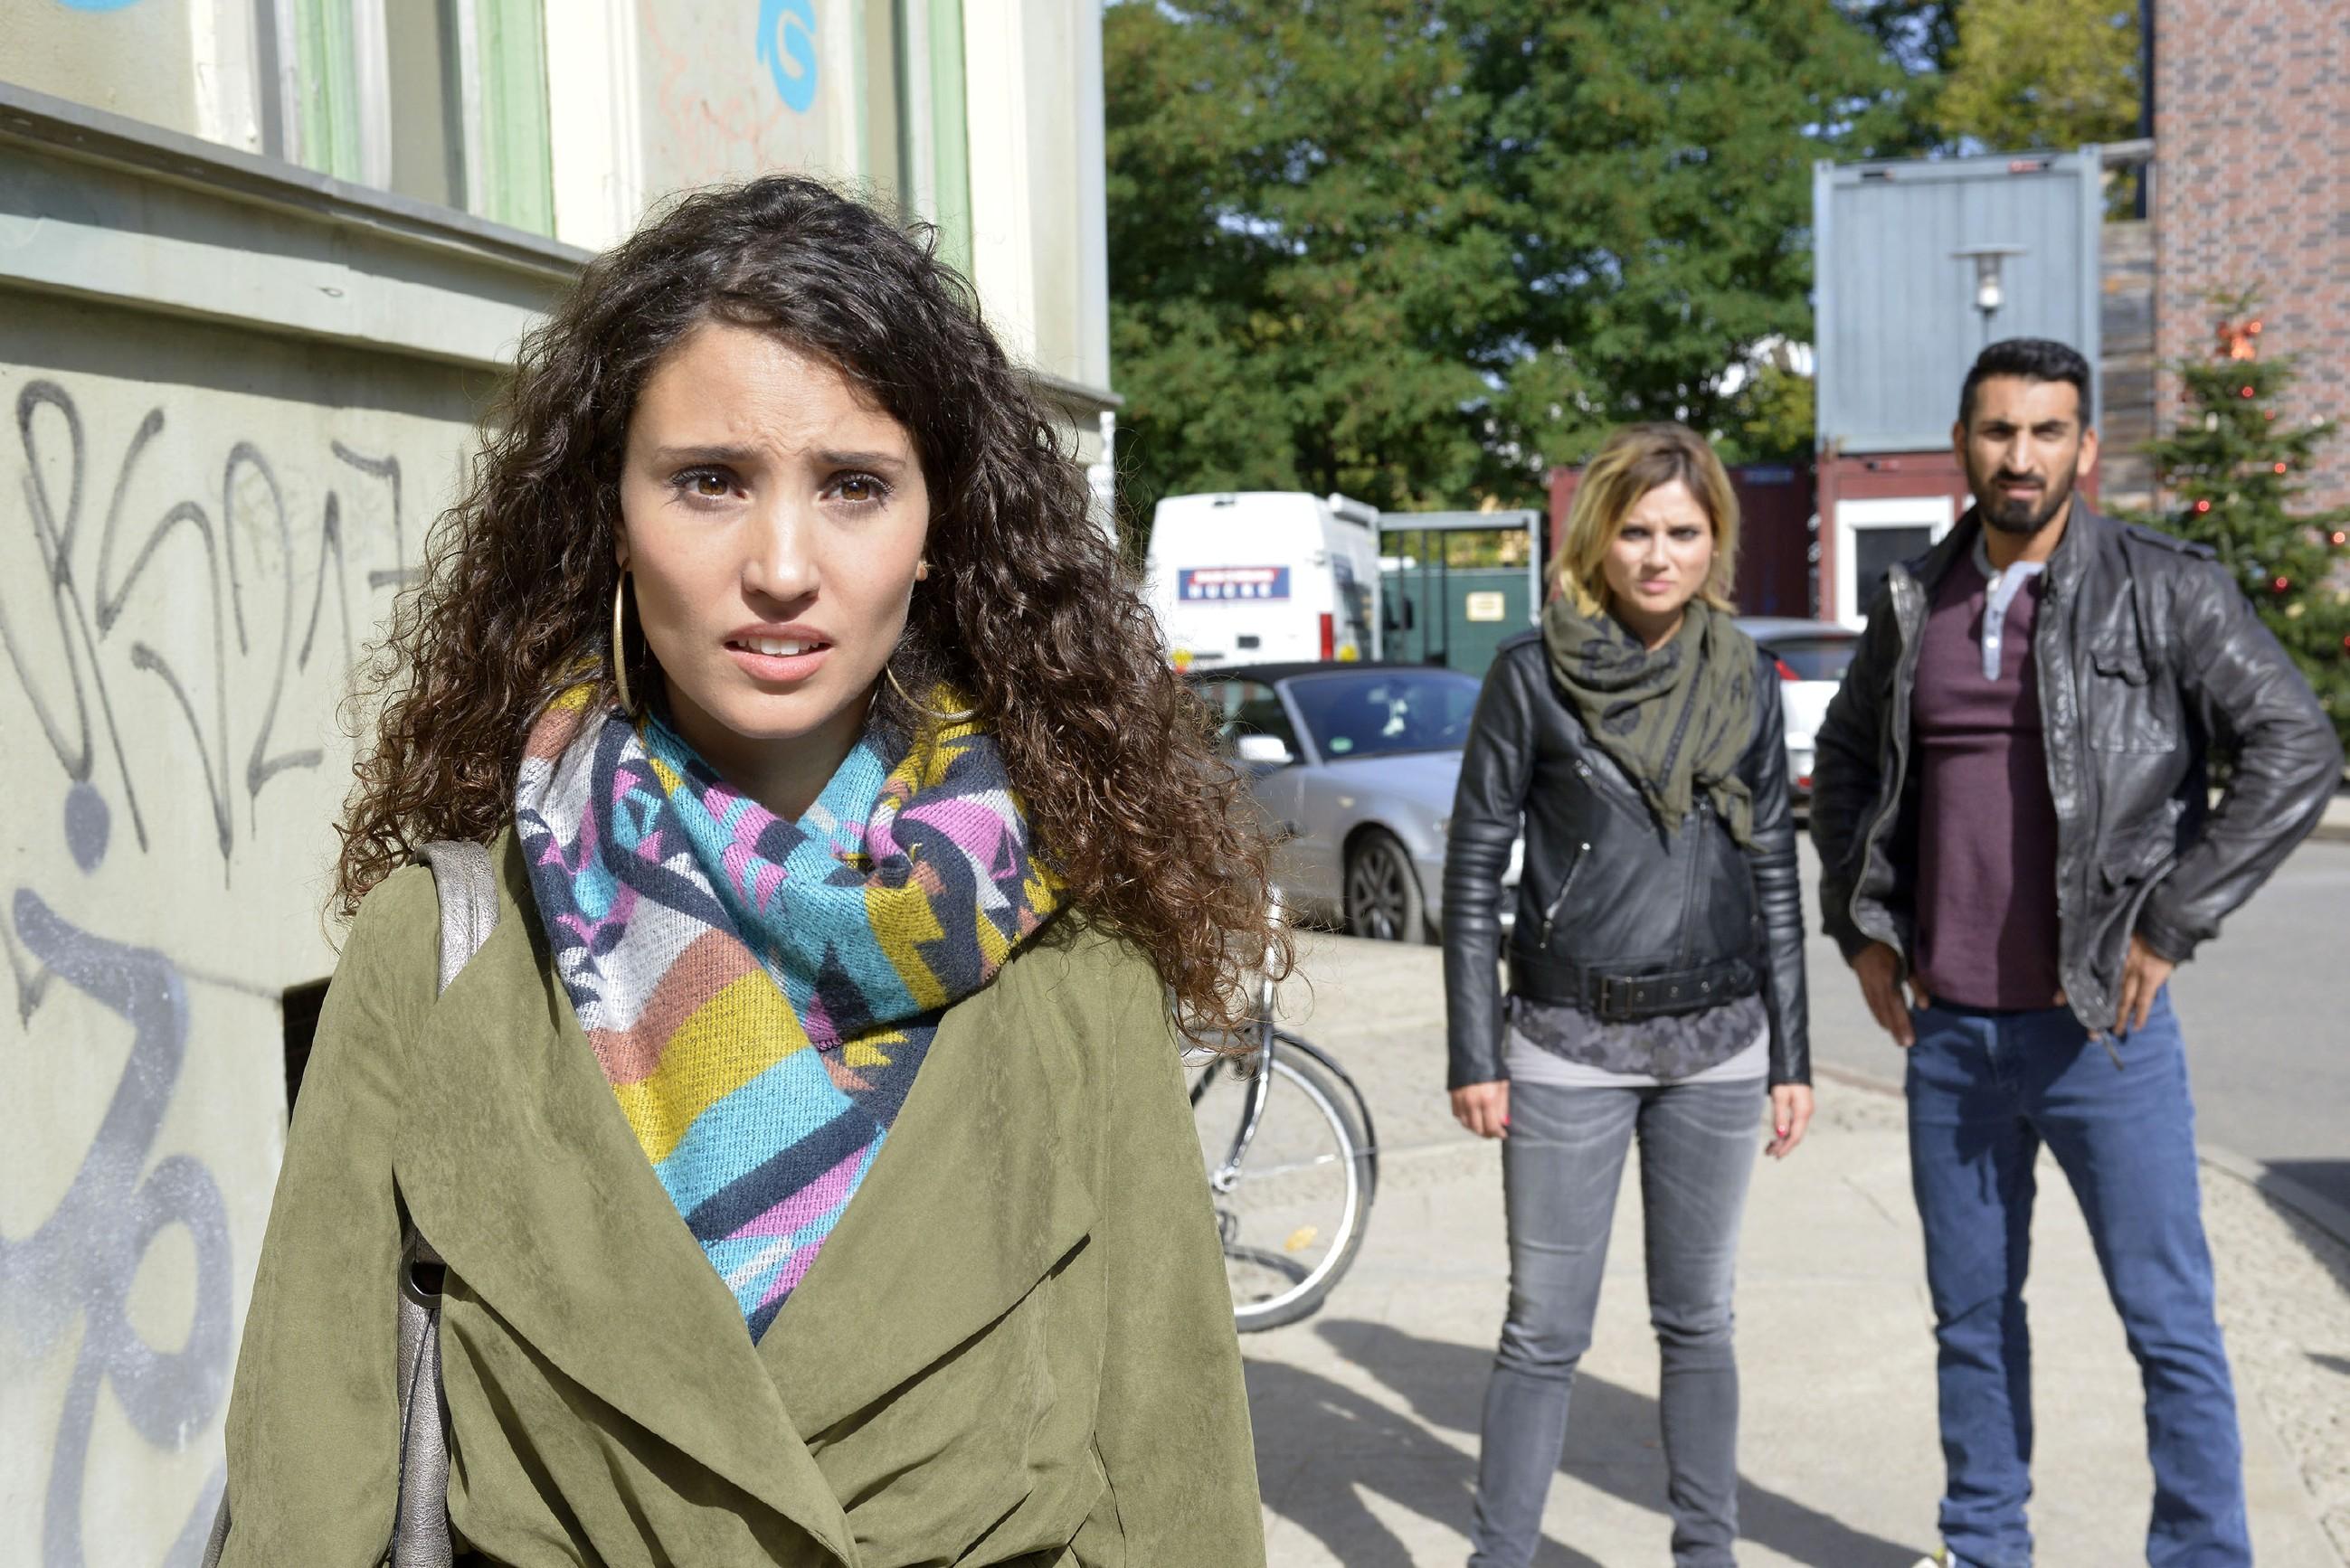 Weil sie Ayla (Nadine Menz, l.) vor einem furchtbaren Fehler bewahren wollen, greifen Anni (Linda Marlen Runge) und Mesut (Mustafa Alin) zu einer drastischen Maßnahme...